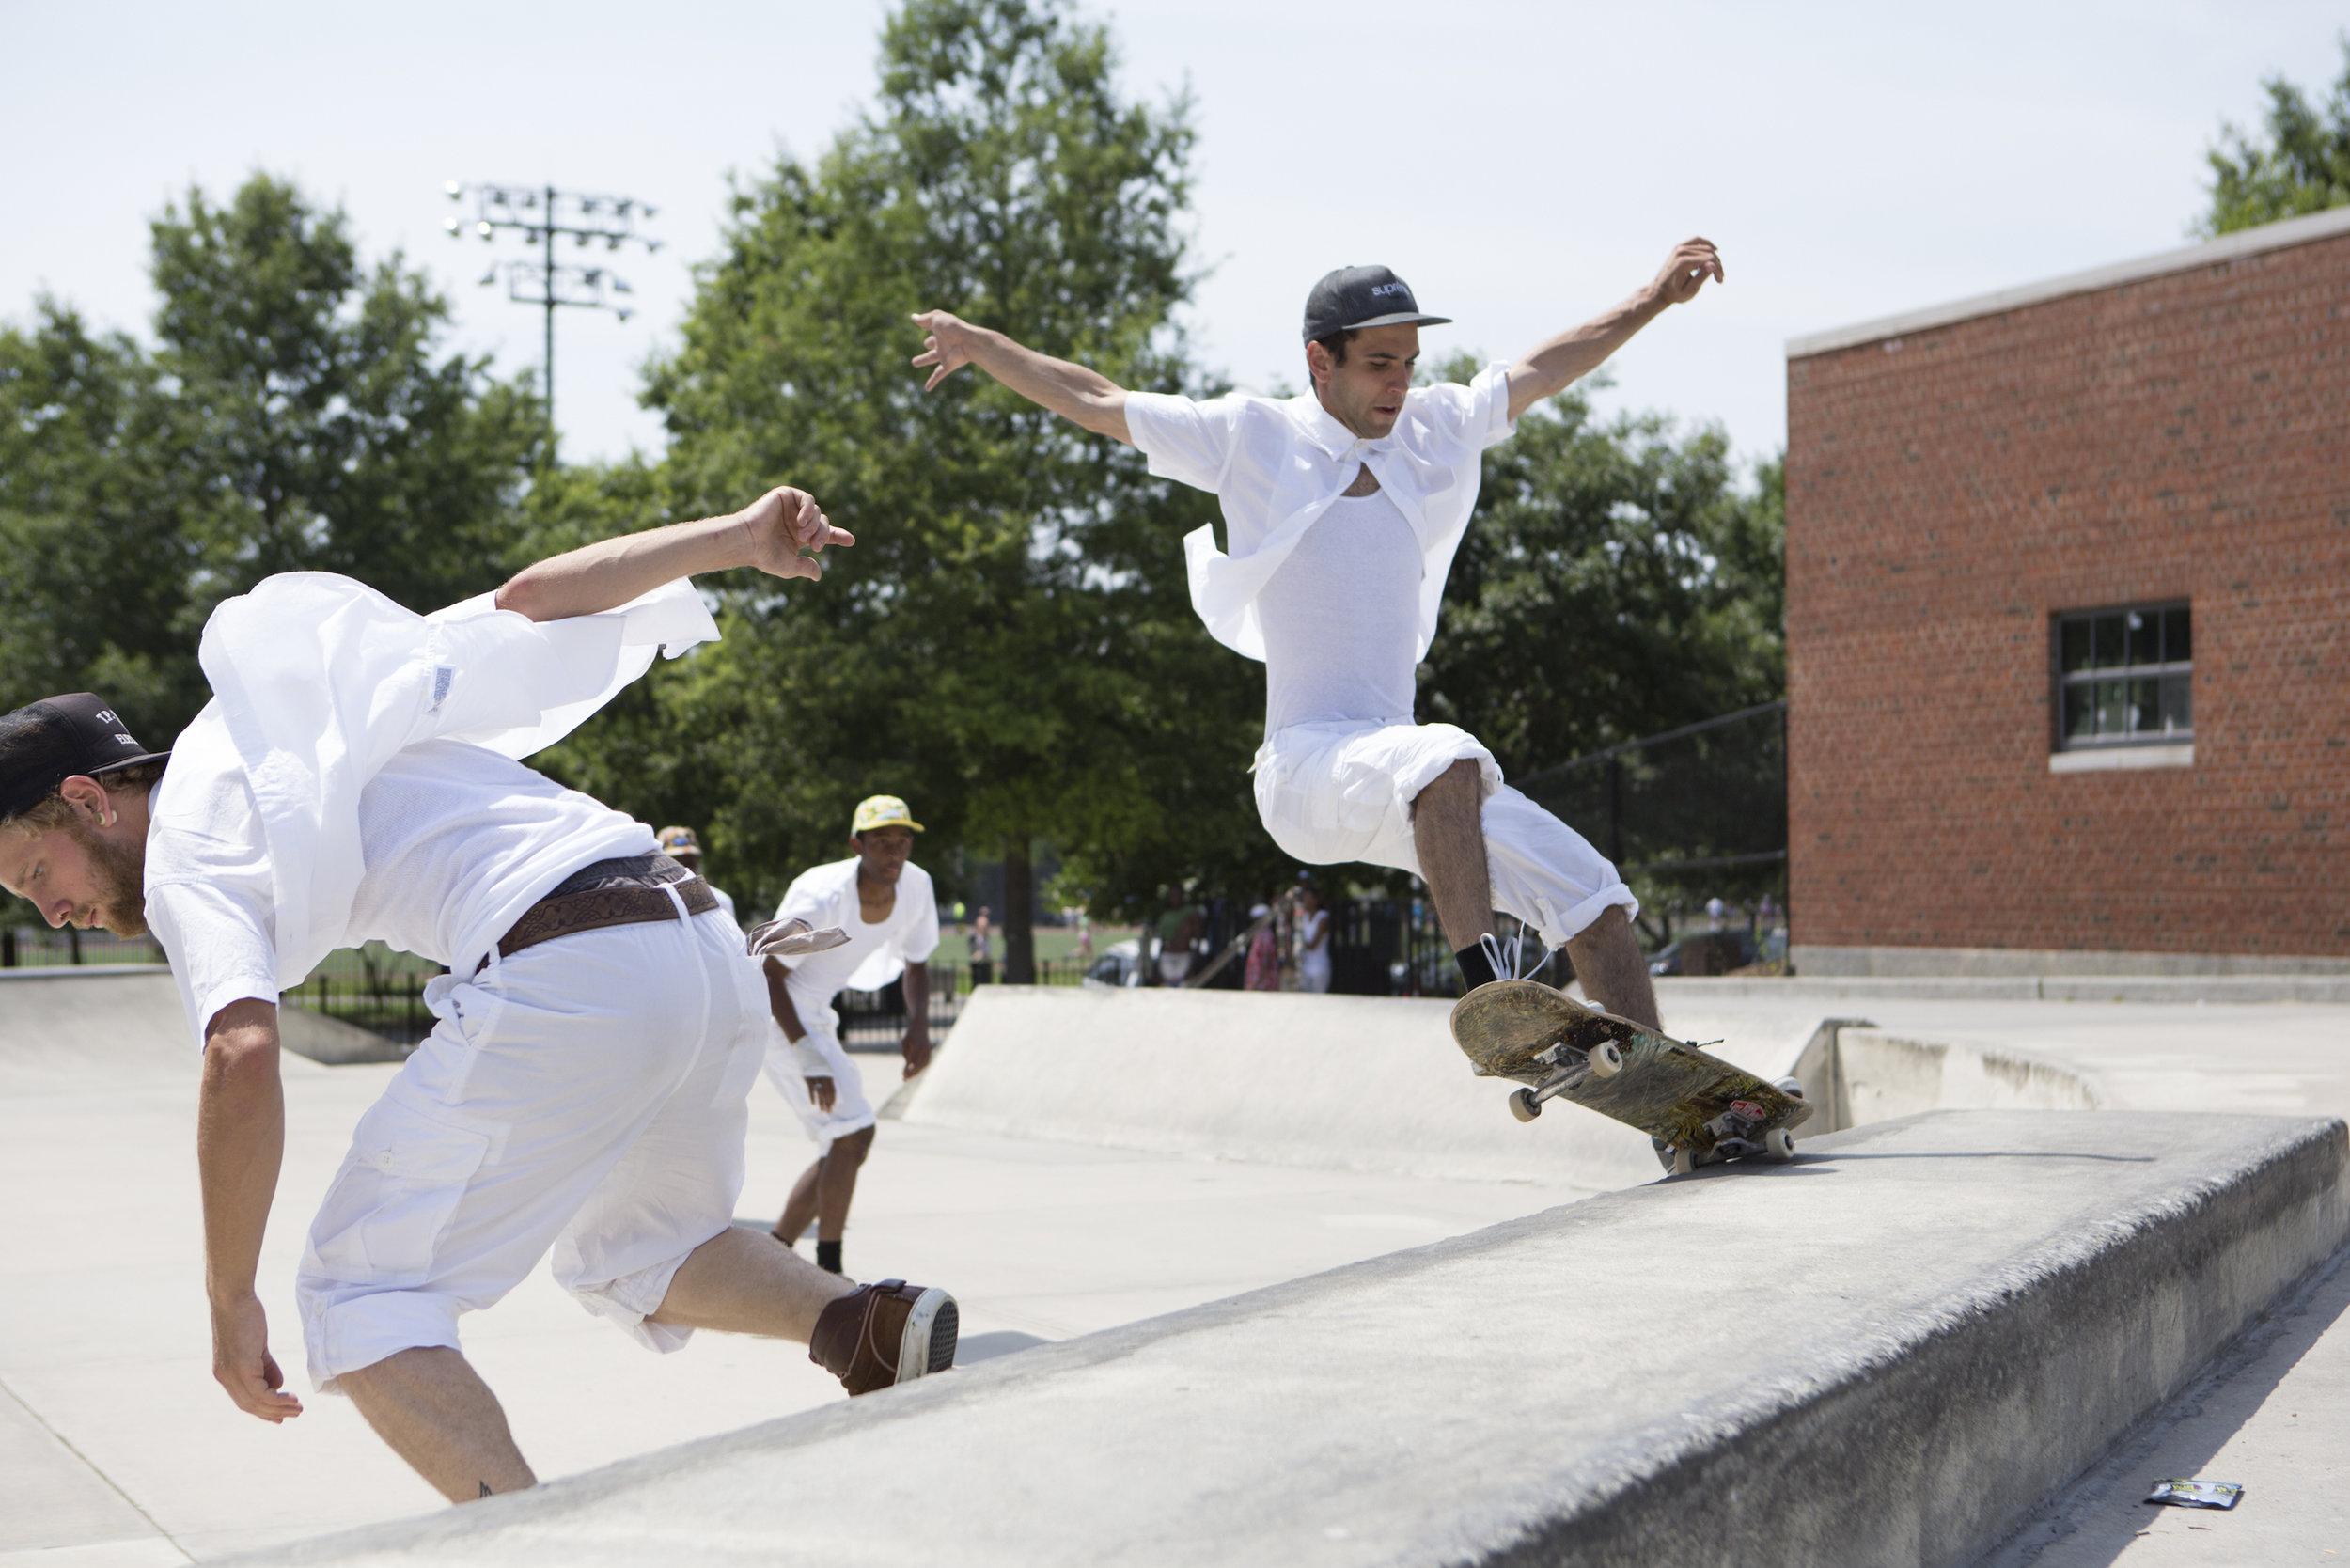 Skate_Play_0761.jpg